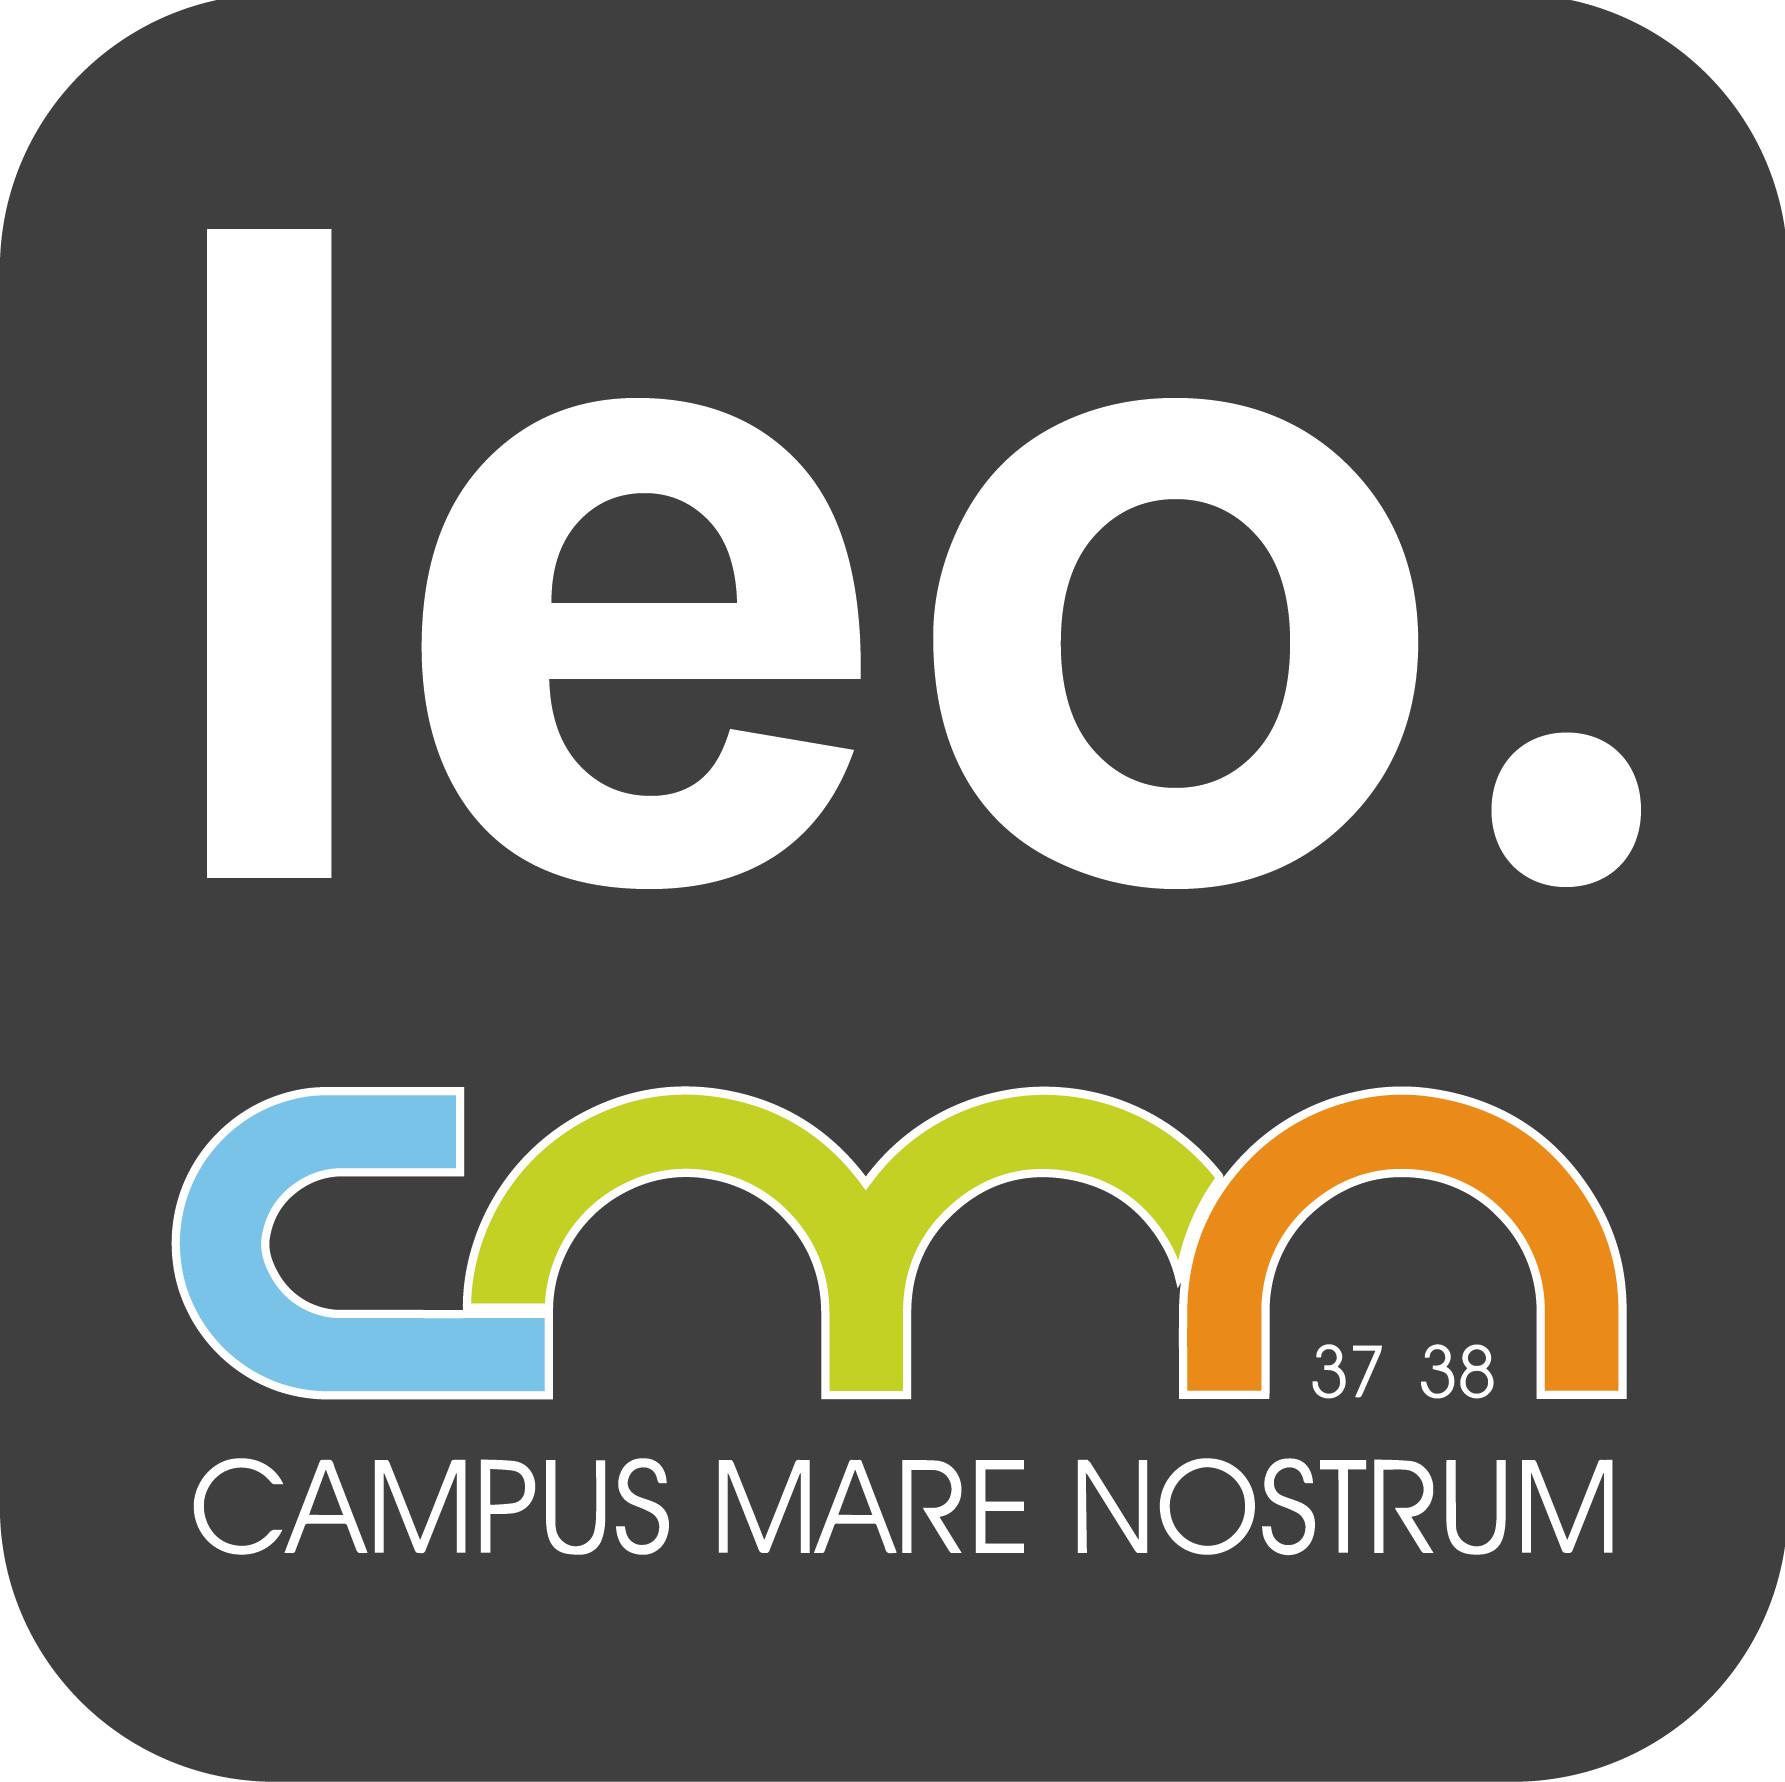 LeoCMN plataforma de préstamo de libros electrónicos para los usuarios de la UMU y UPCT a través de dispositivos móviles y web CMN